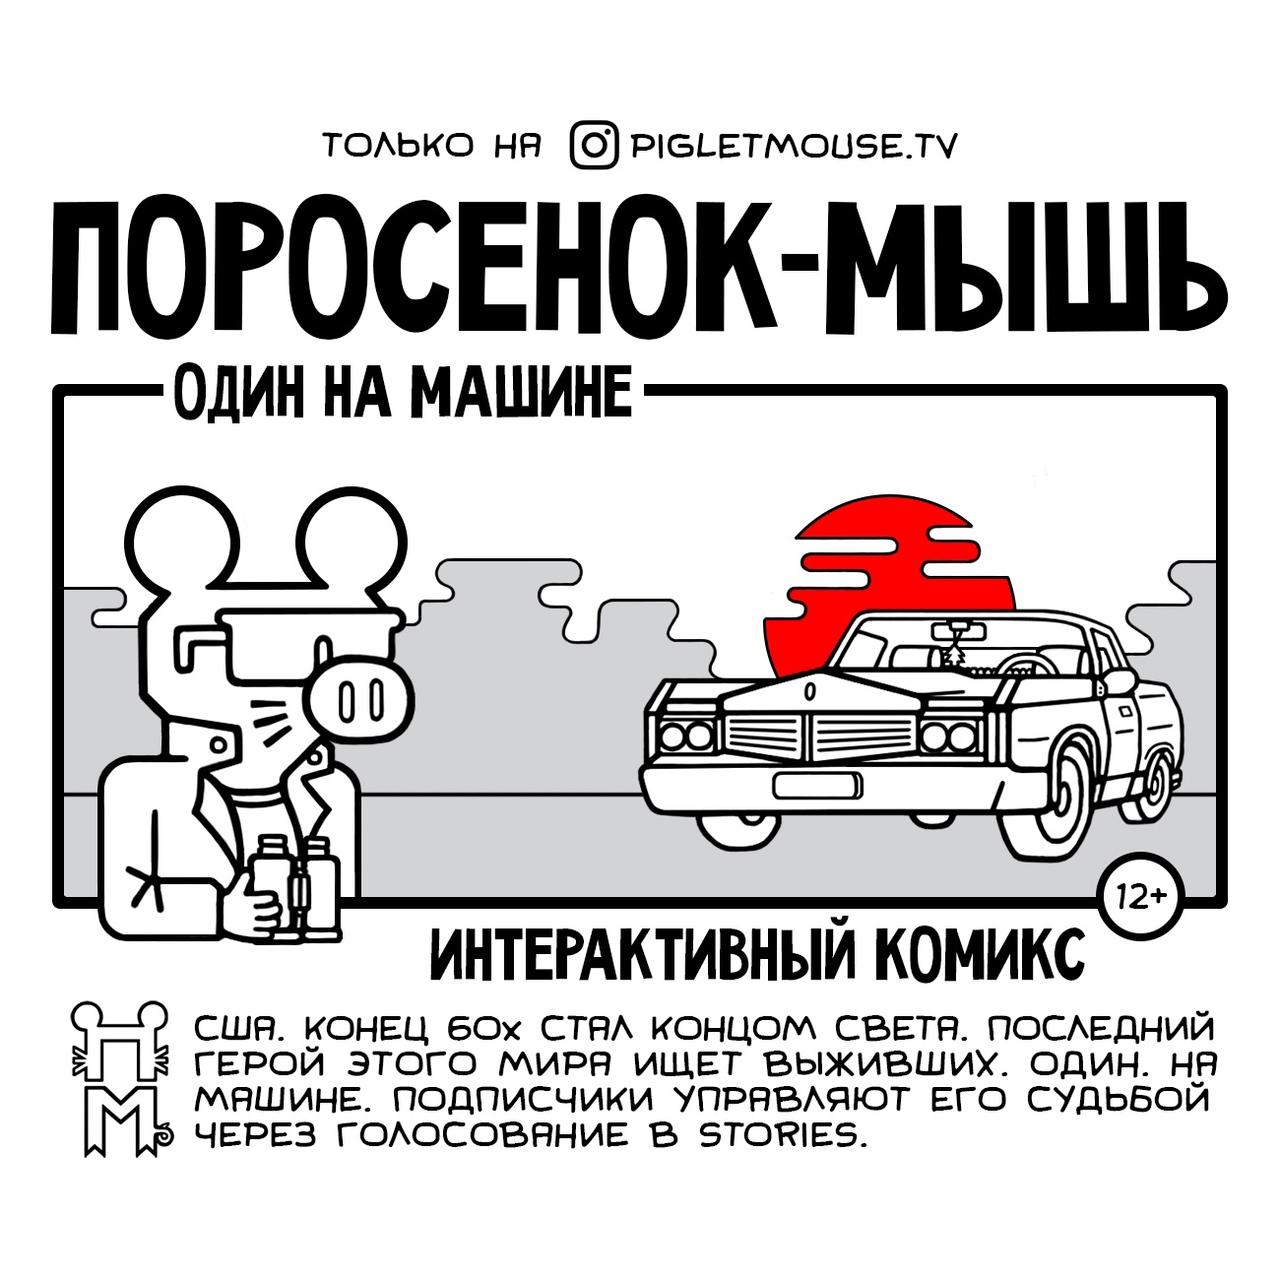 Автор комикса «Поросёнок-Мышь»: оконцепции, вдохновении и фантастики 1